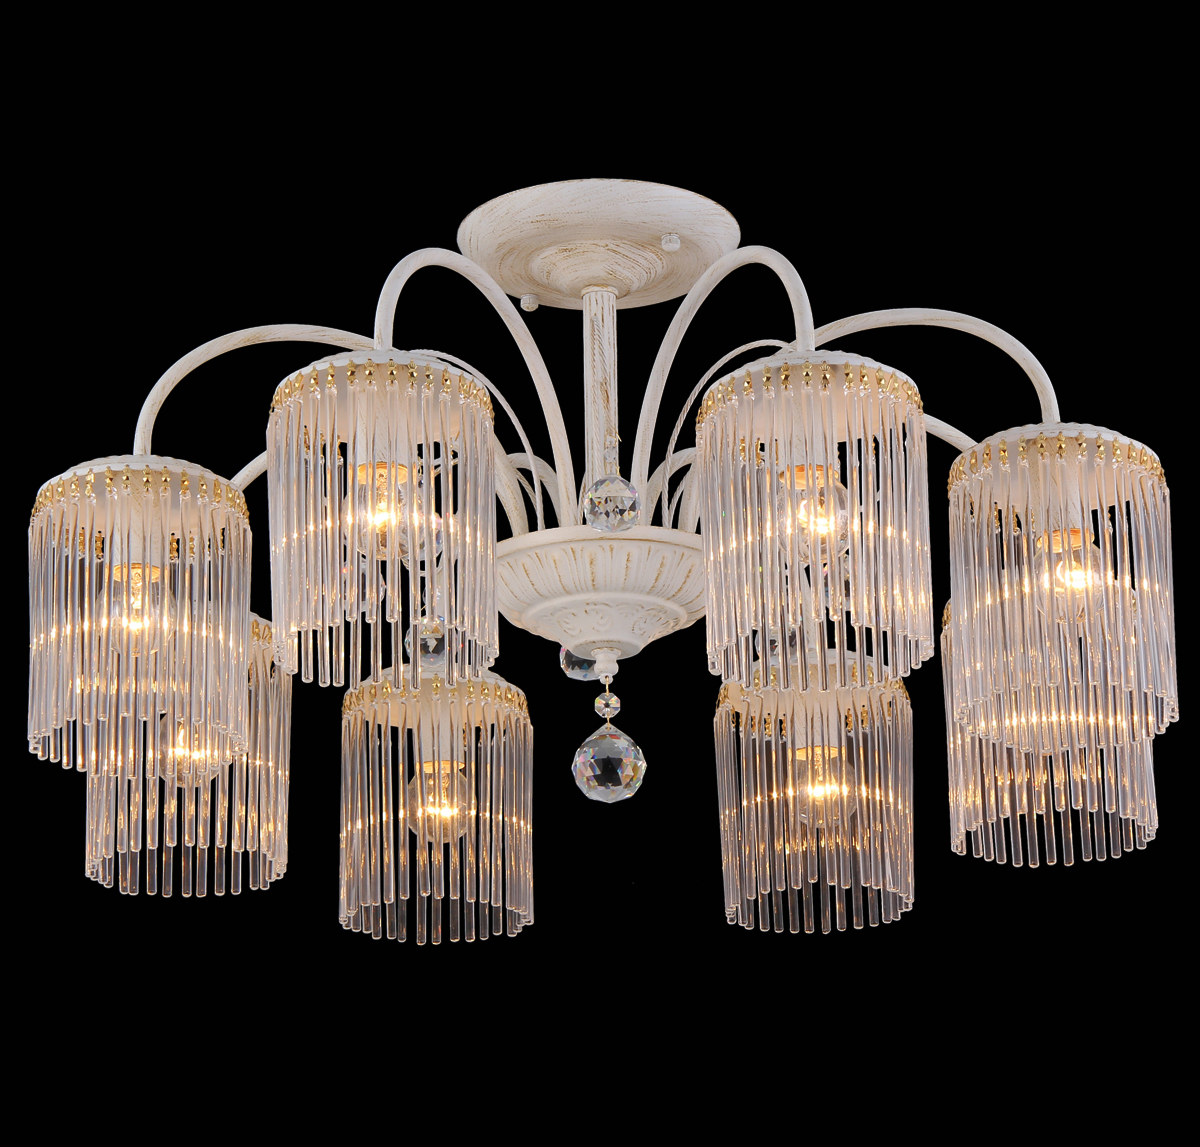 Люстра Natali Kovaltseva Ivory, 8 x E14, 60W. 11397/8COLBIA 11397/8C GOLD IVORYЛюстра Natali Kovaltseva, выполненная в классическом стиле, станет украшением вашей комнаты и изысканно дополнит интерьер. Изделие крепится к потолку. Такая люстра отлично подойдет для освещения кабинета, столовой, спальни или гостиной. Люстра выполнена из металла с матовым никелированным покрытием и дополнена хромированными элементами. Изделие оснащено 8 стеклянными плафонами, декорированными полосками и рельефом по краю.